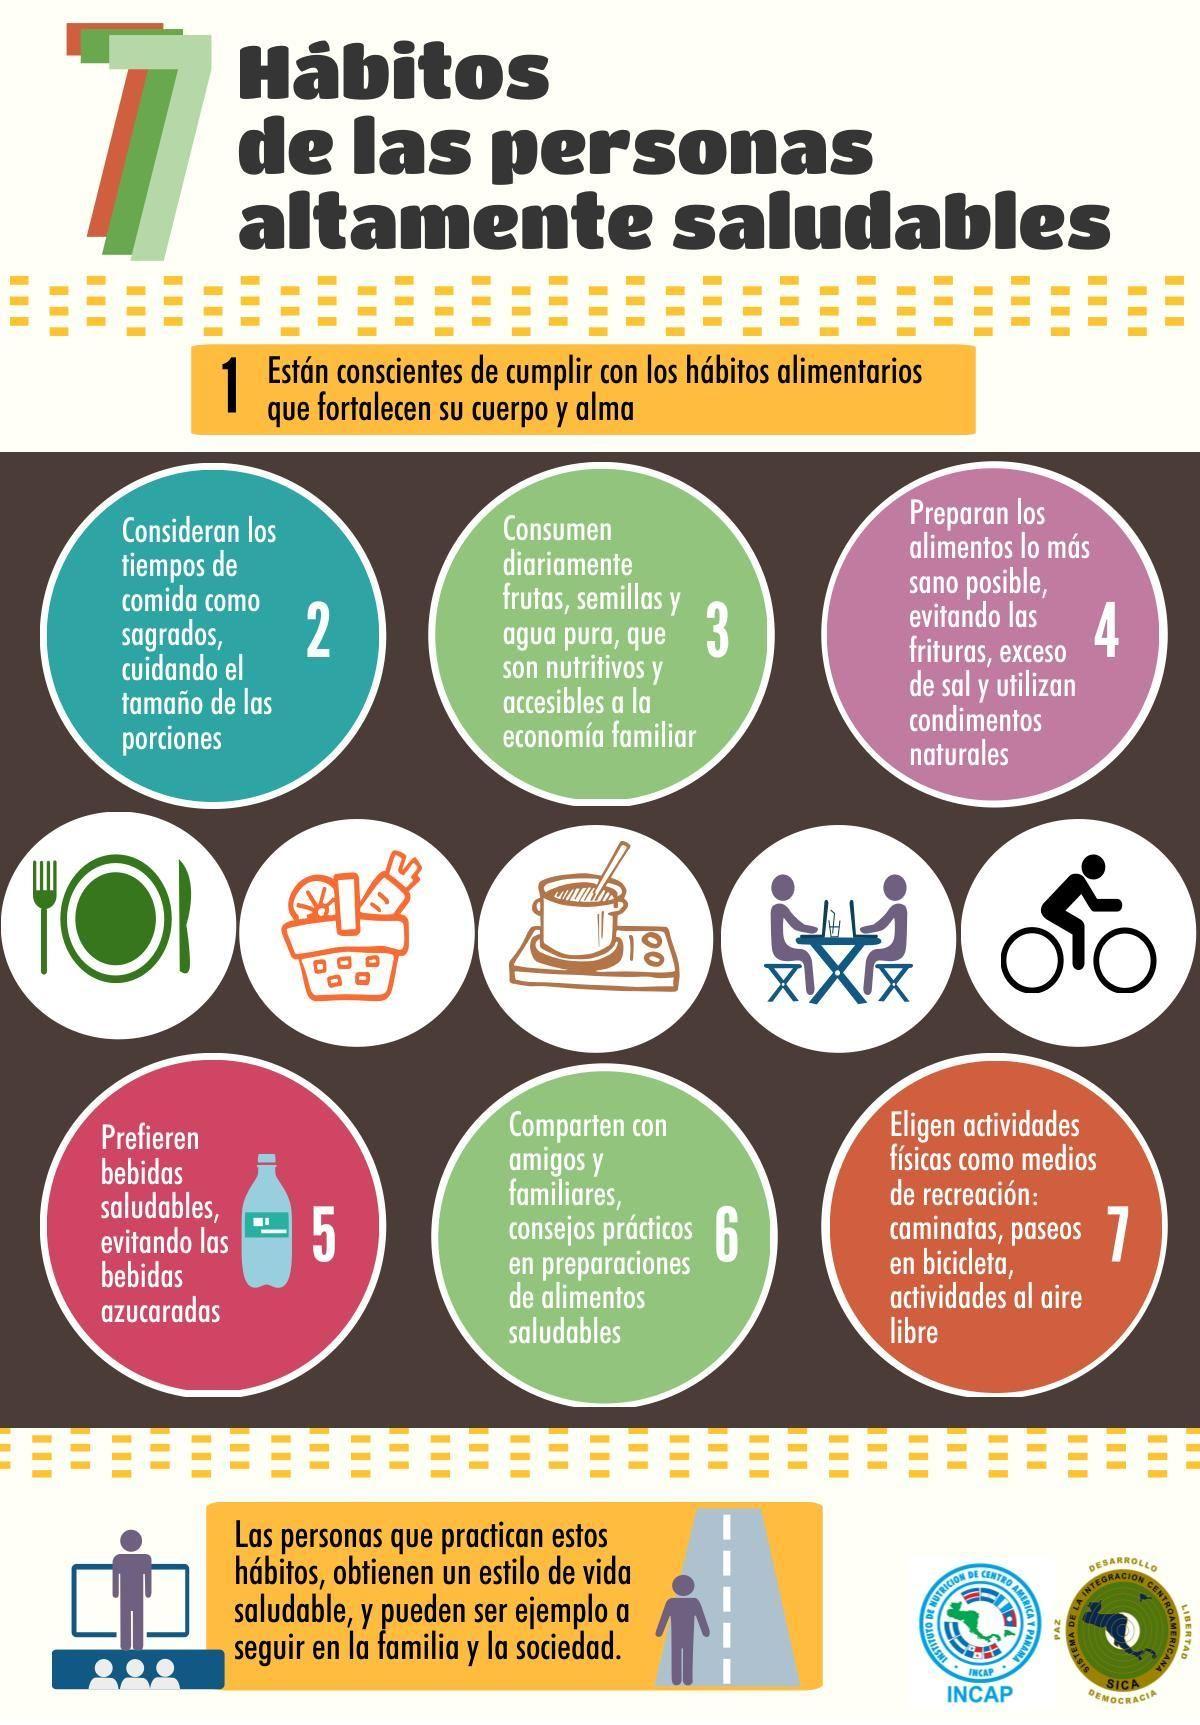 Debes incluir estos hábitos en tu estilo de vida